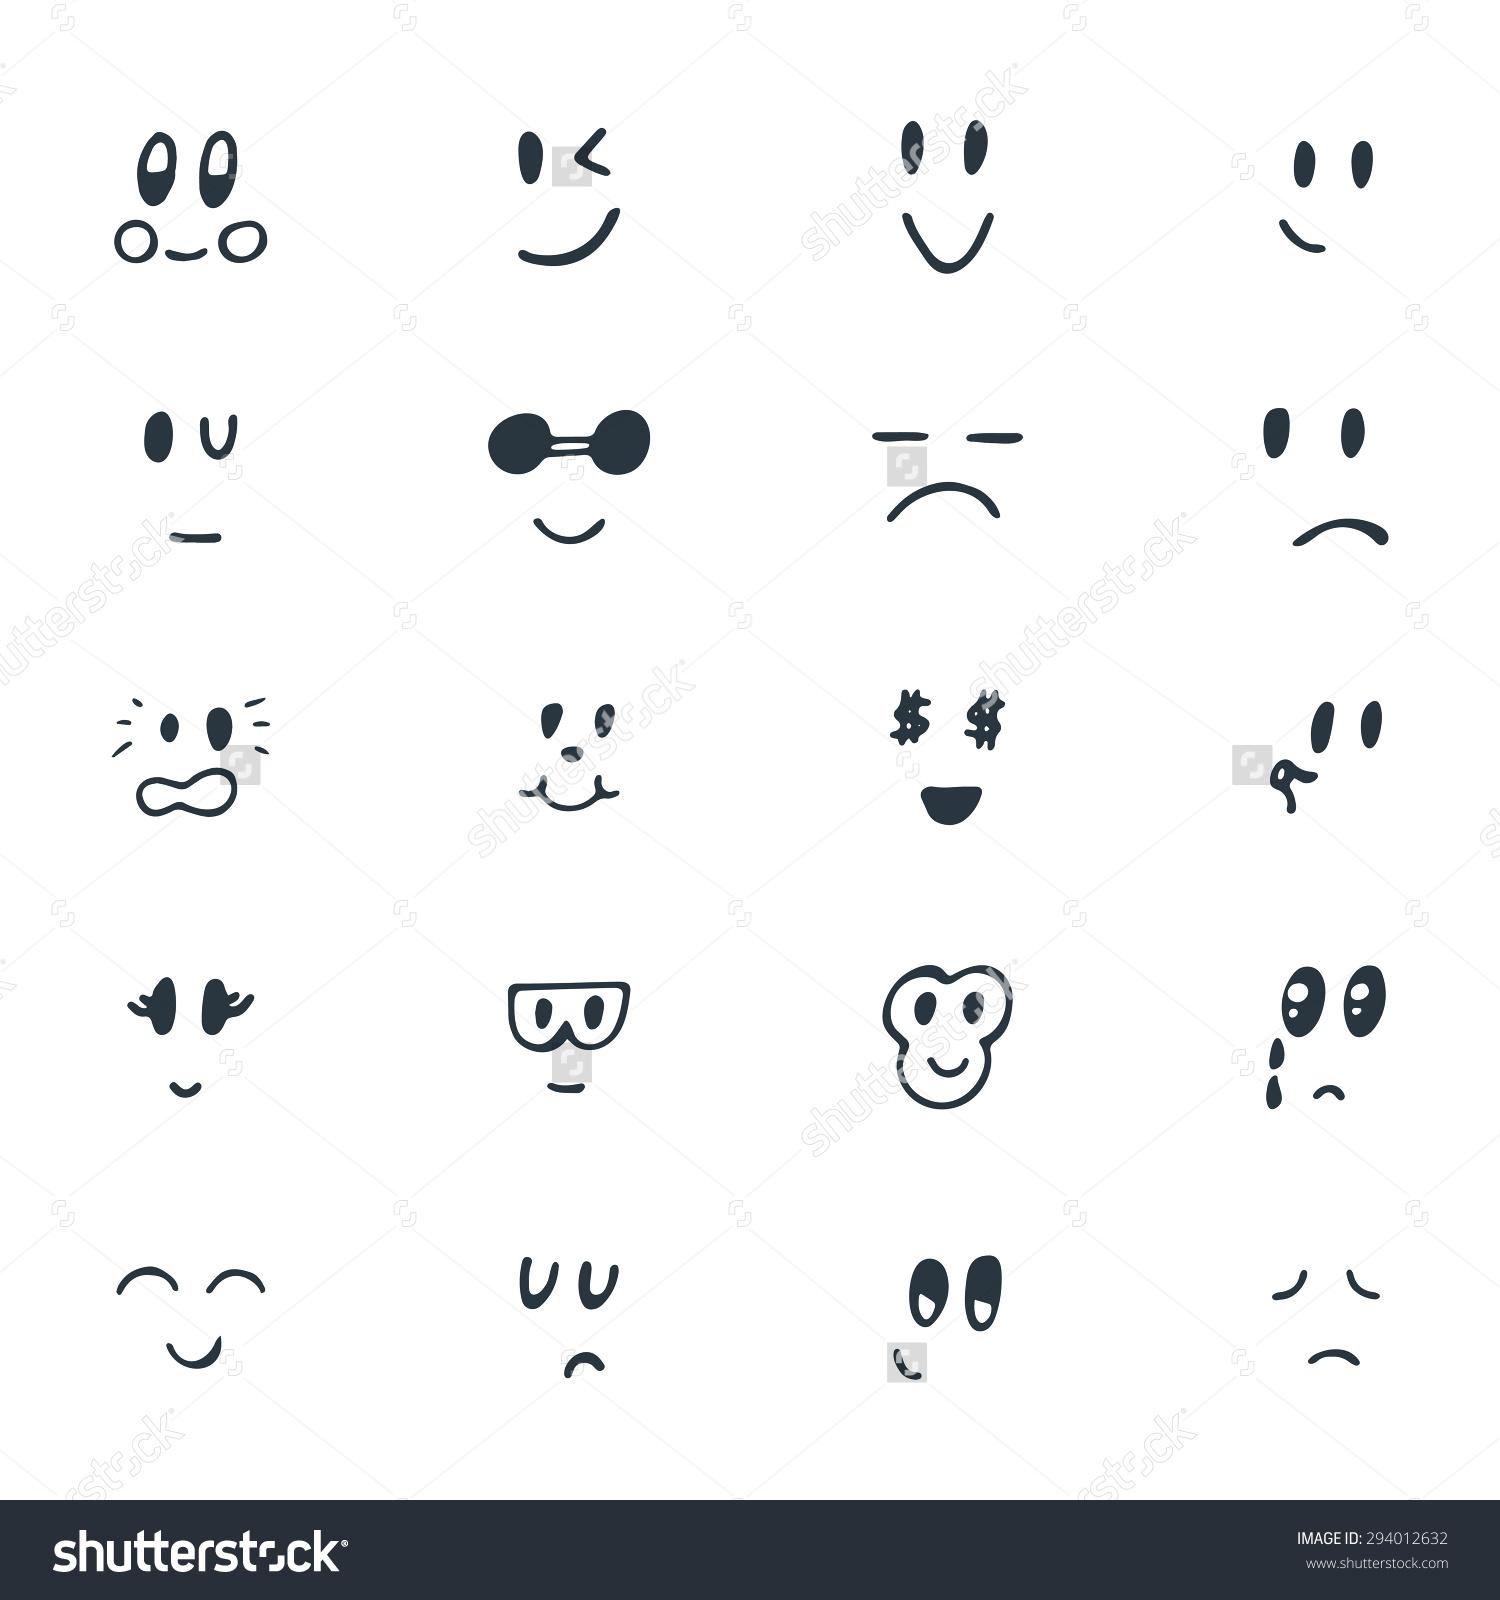 Drawn smileys Funny Smiley Set (81+) Smile